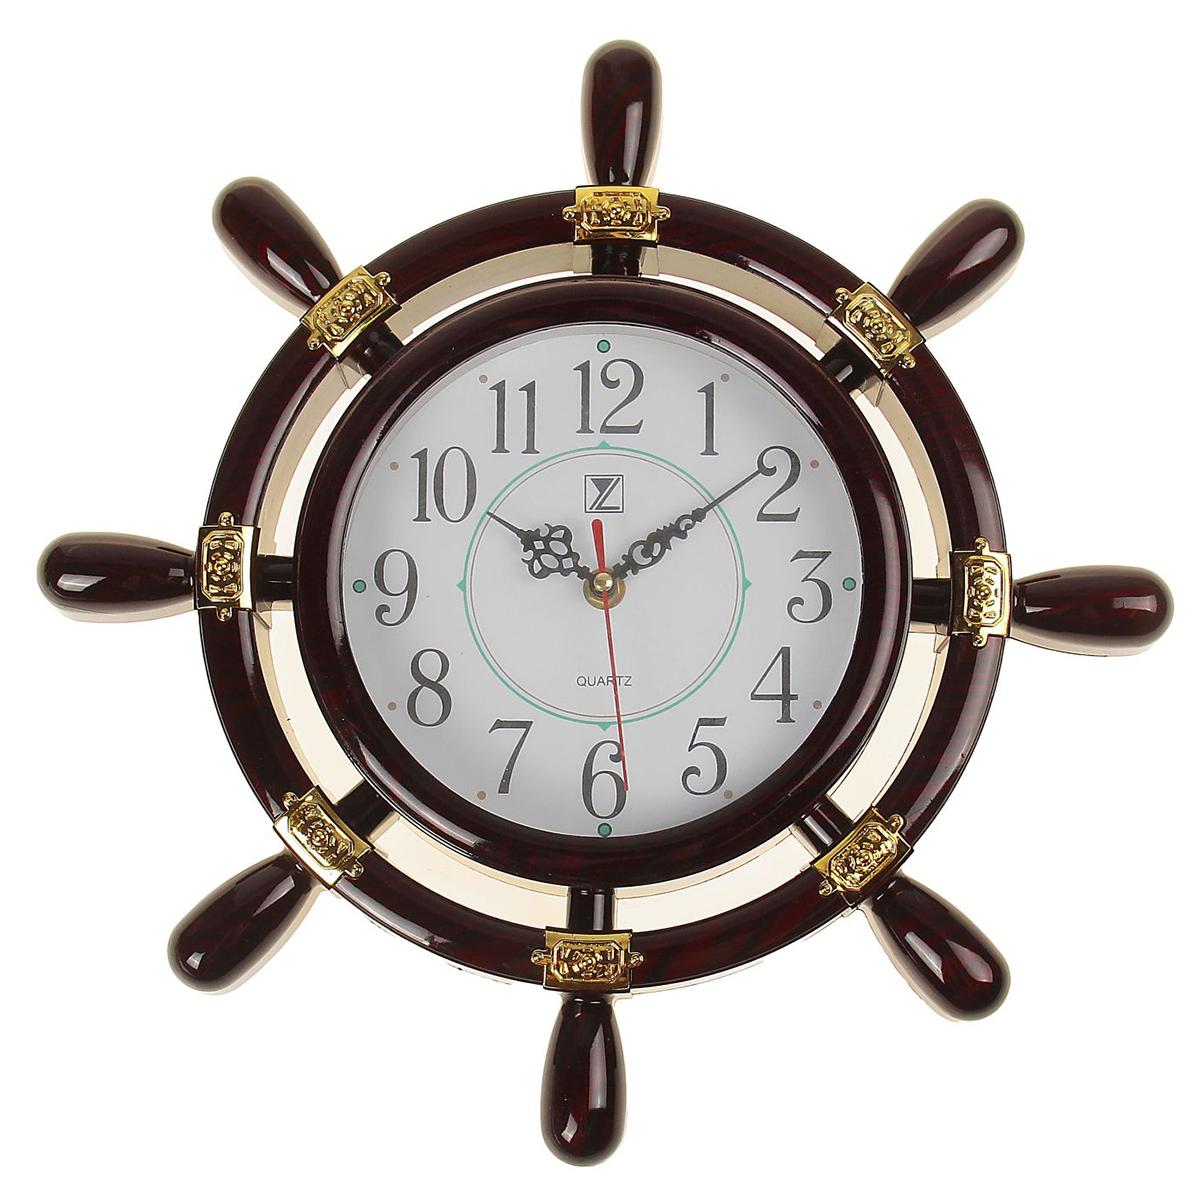 Часы настенные Штурвал, диаметр 30 см637878Каждому хозяину периодически приходит мысль обновить свою квартиру, сделать ремонт, перестановку или кардинально поменять внешний вид каждой комнаты. Часы настенные Штурвал, d=30 см, темно-коричневые — привлекательная деталь, которая поможет воплотить вашу интерьерную идею, создать неповторимую атмосферу в вашем доме. Окружите себя приятными мелочами, пусть они радуют глаз и дарят гармонию.Часы настенные Штурвал коричневый двойной d=30см пластик 637878